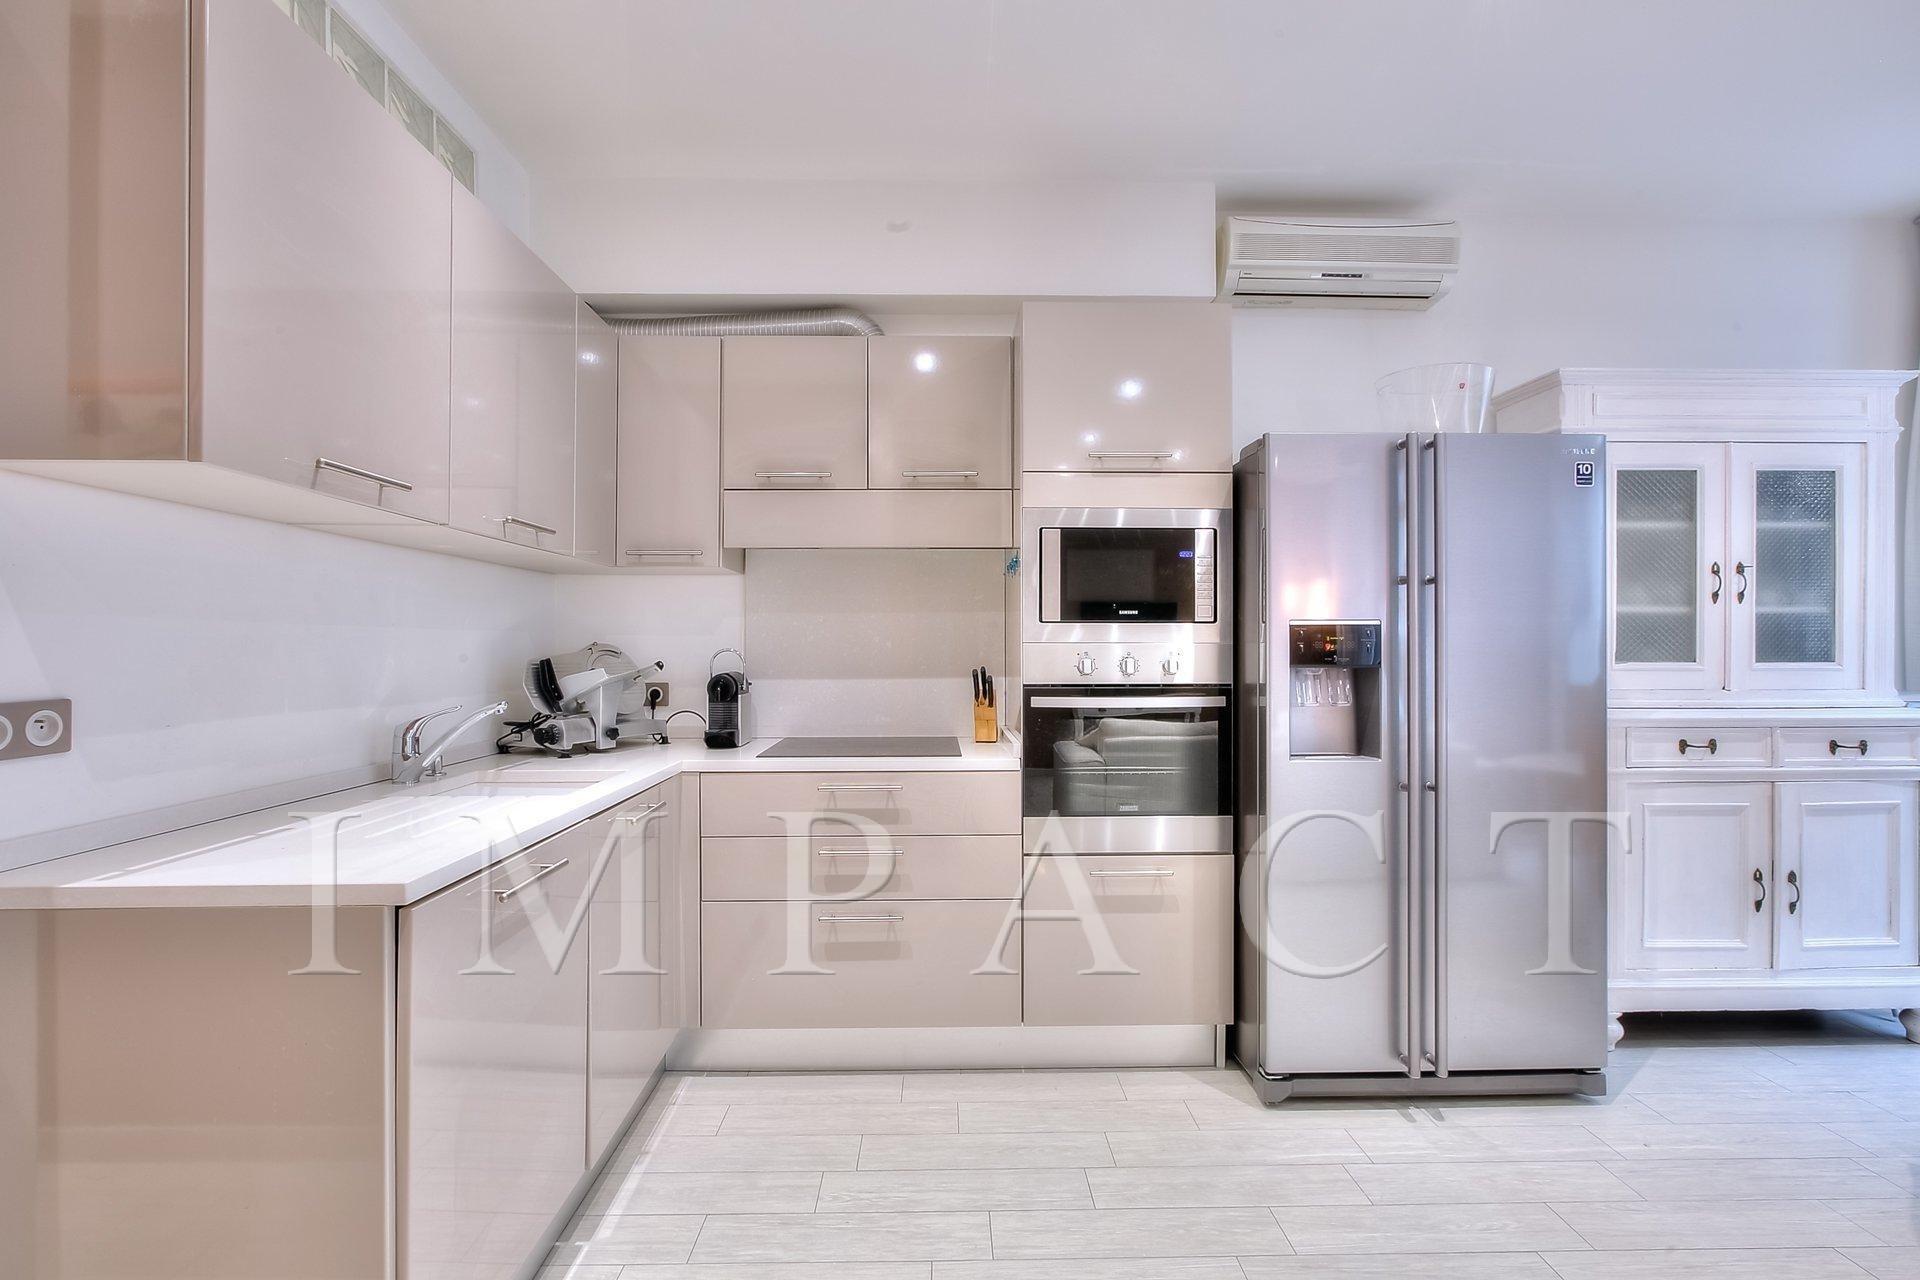 Appartement 2 chambres à louer avec large terrasse vue mer, centre de Cannes.